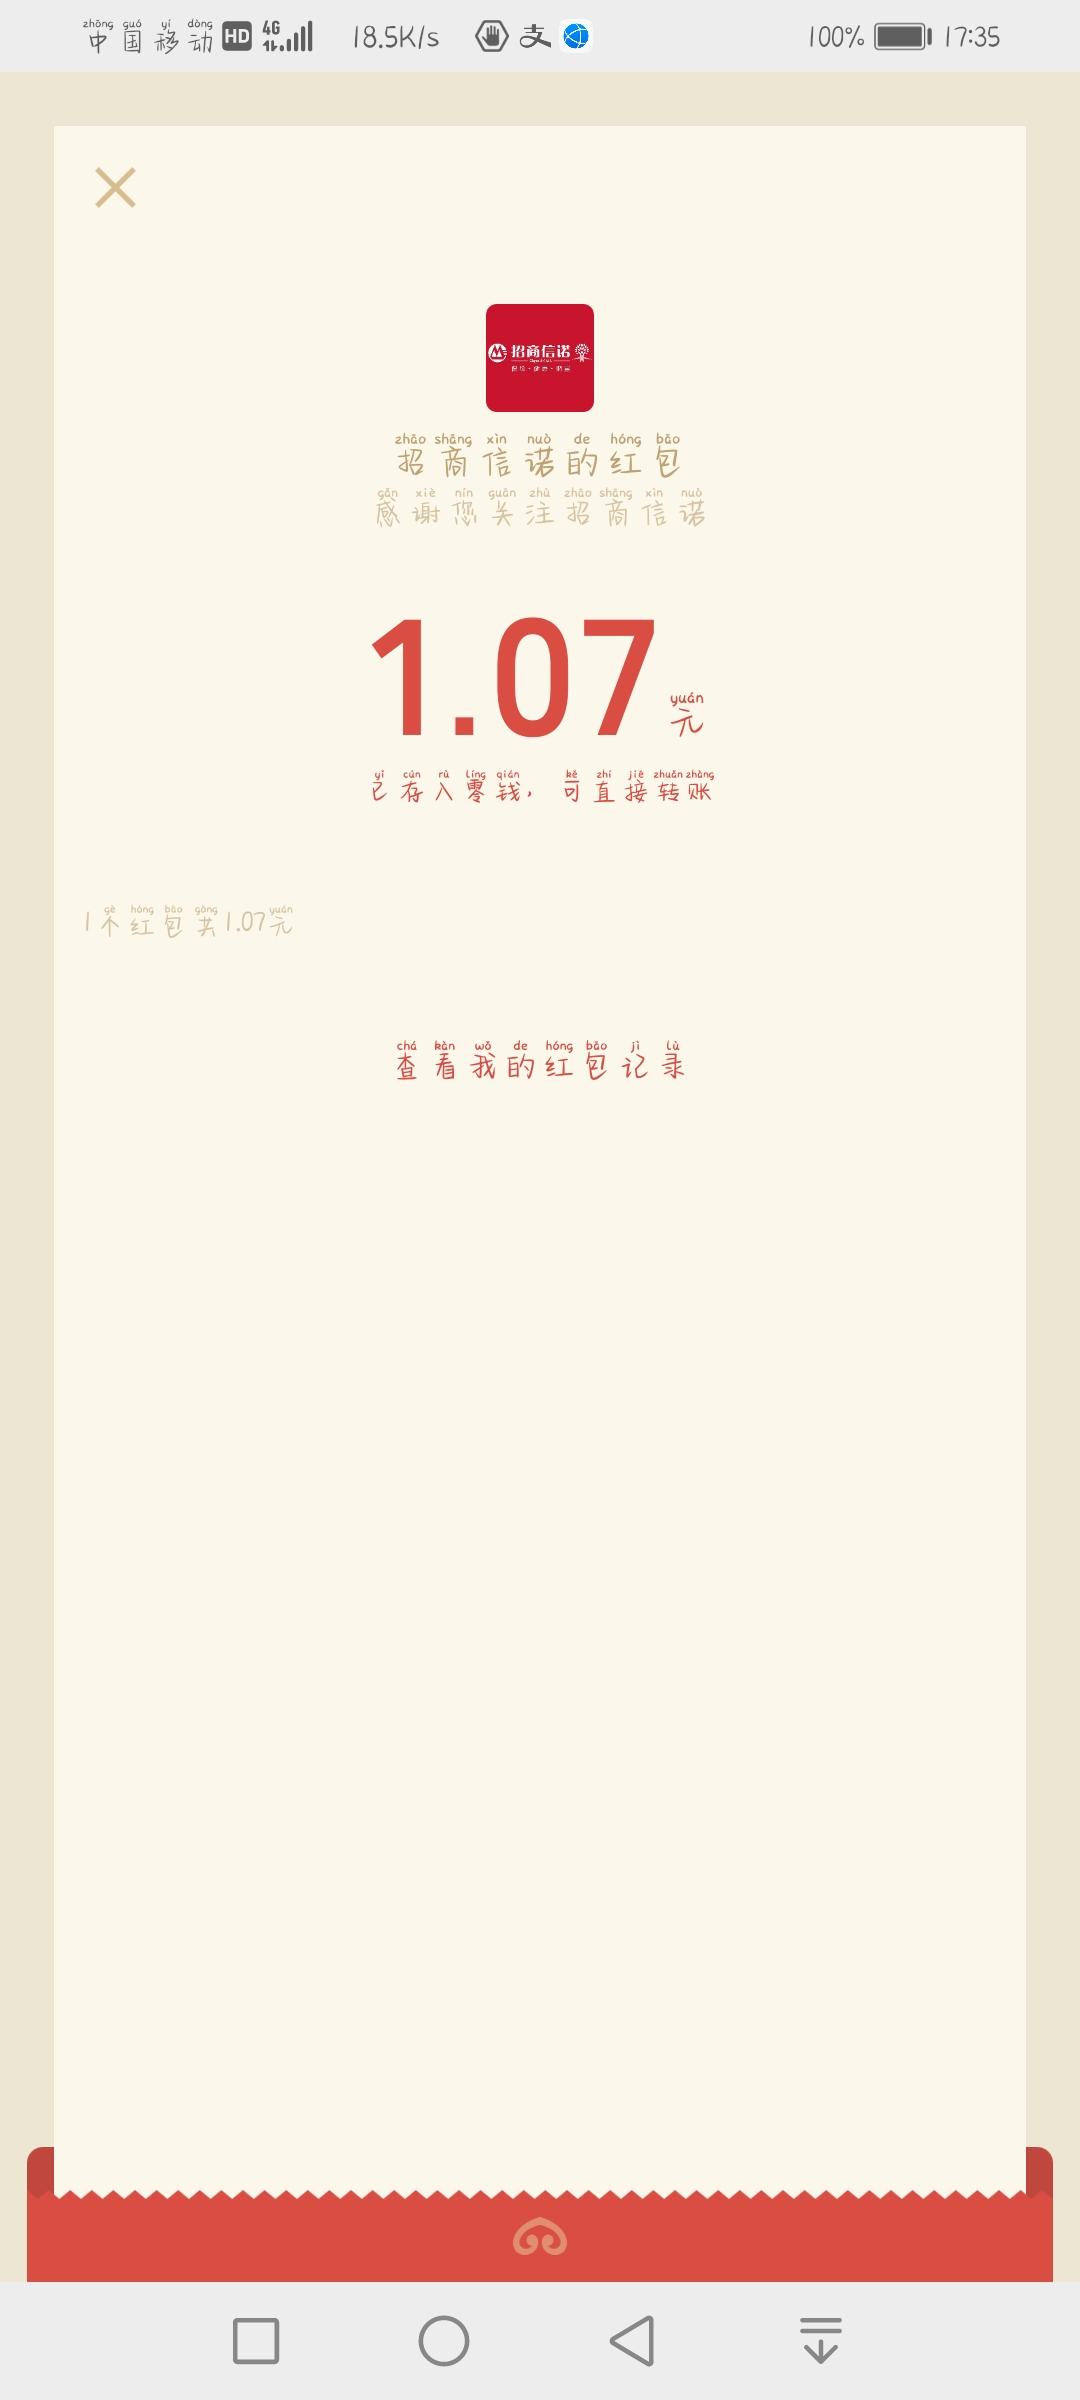 【现金红包】招商信诺在线回复领红包-聚合资源网